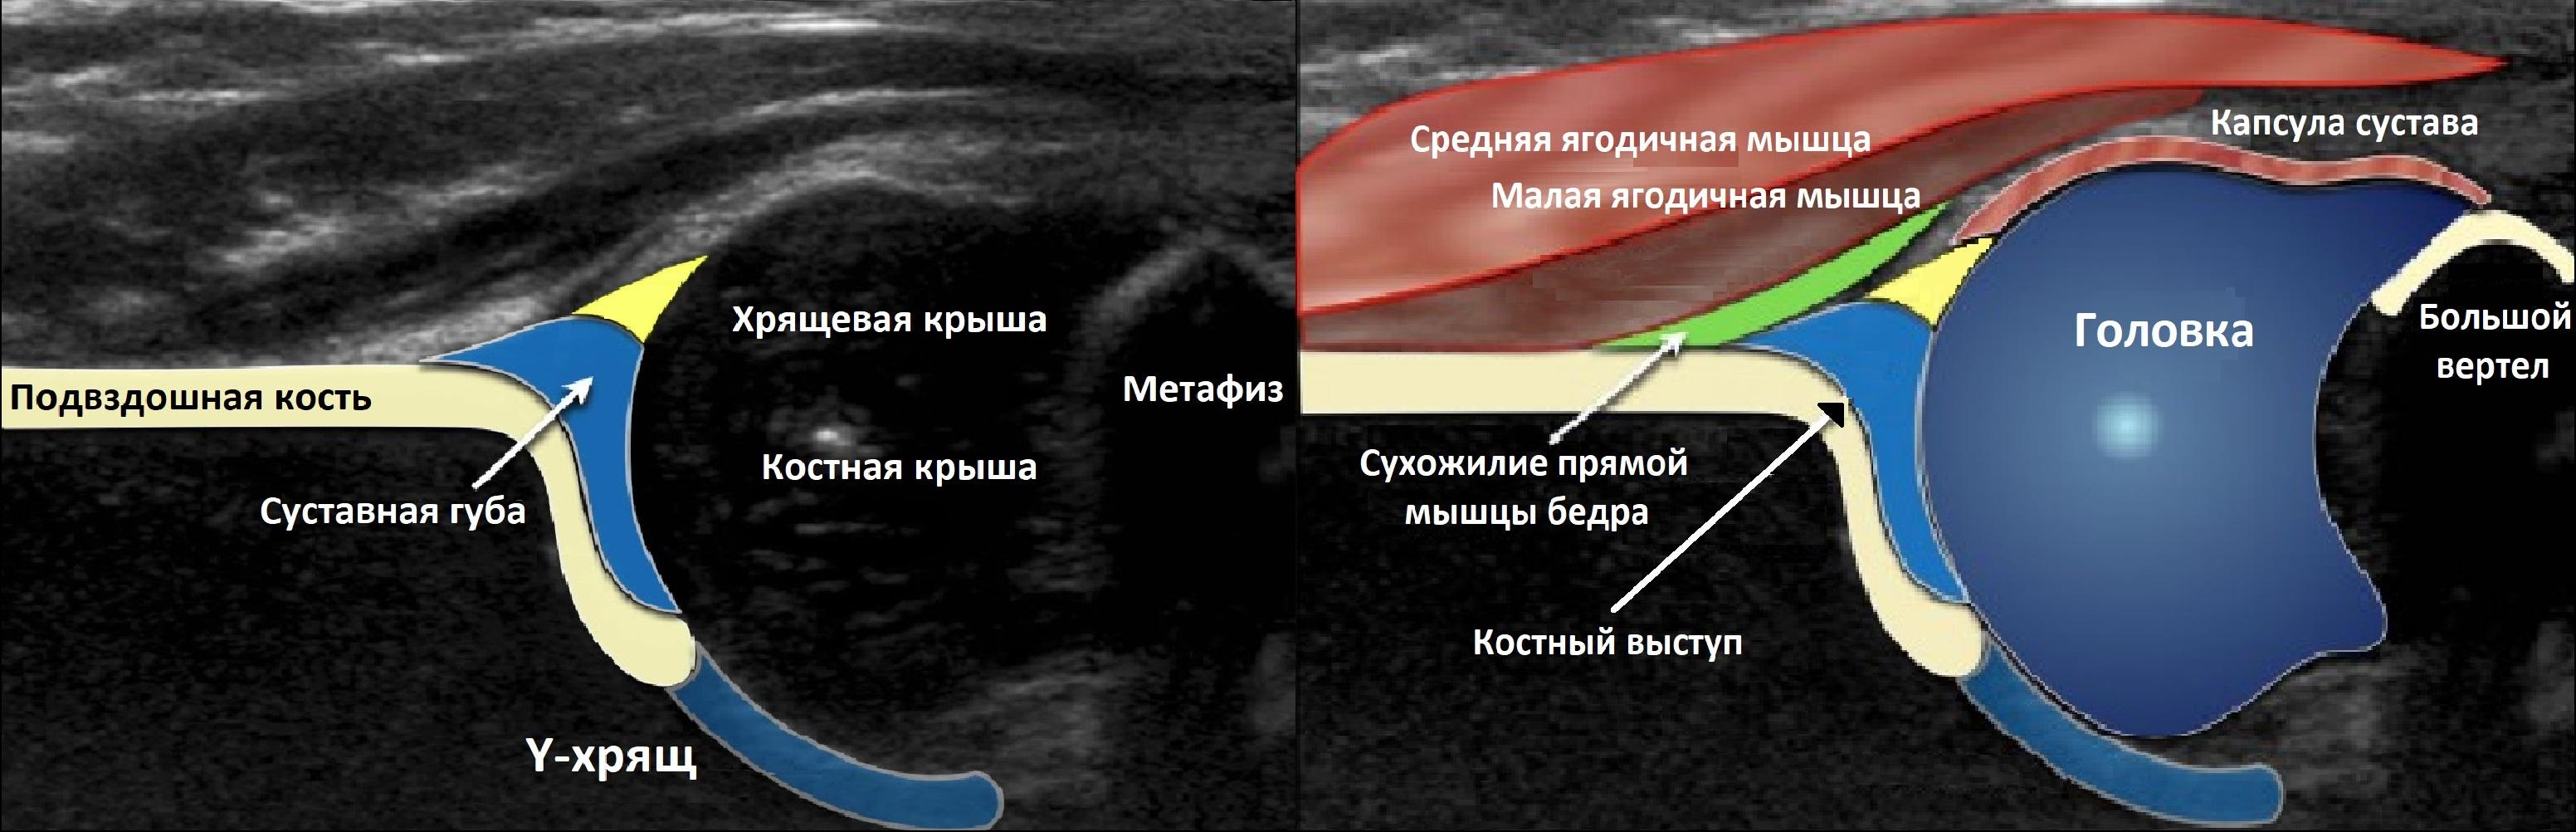 Изображение - Протоколы узи суставов у детей Tbs-7